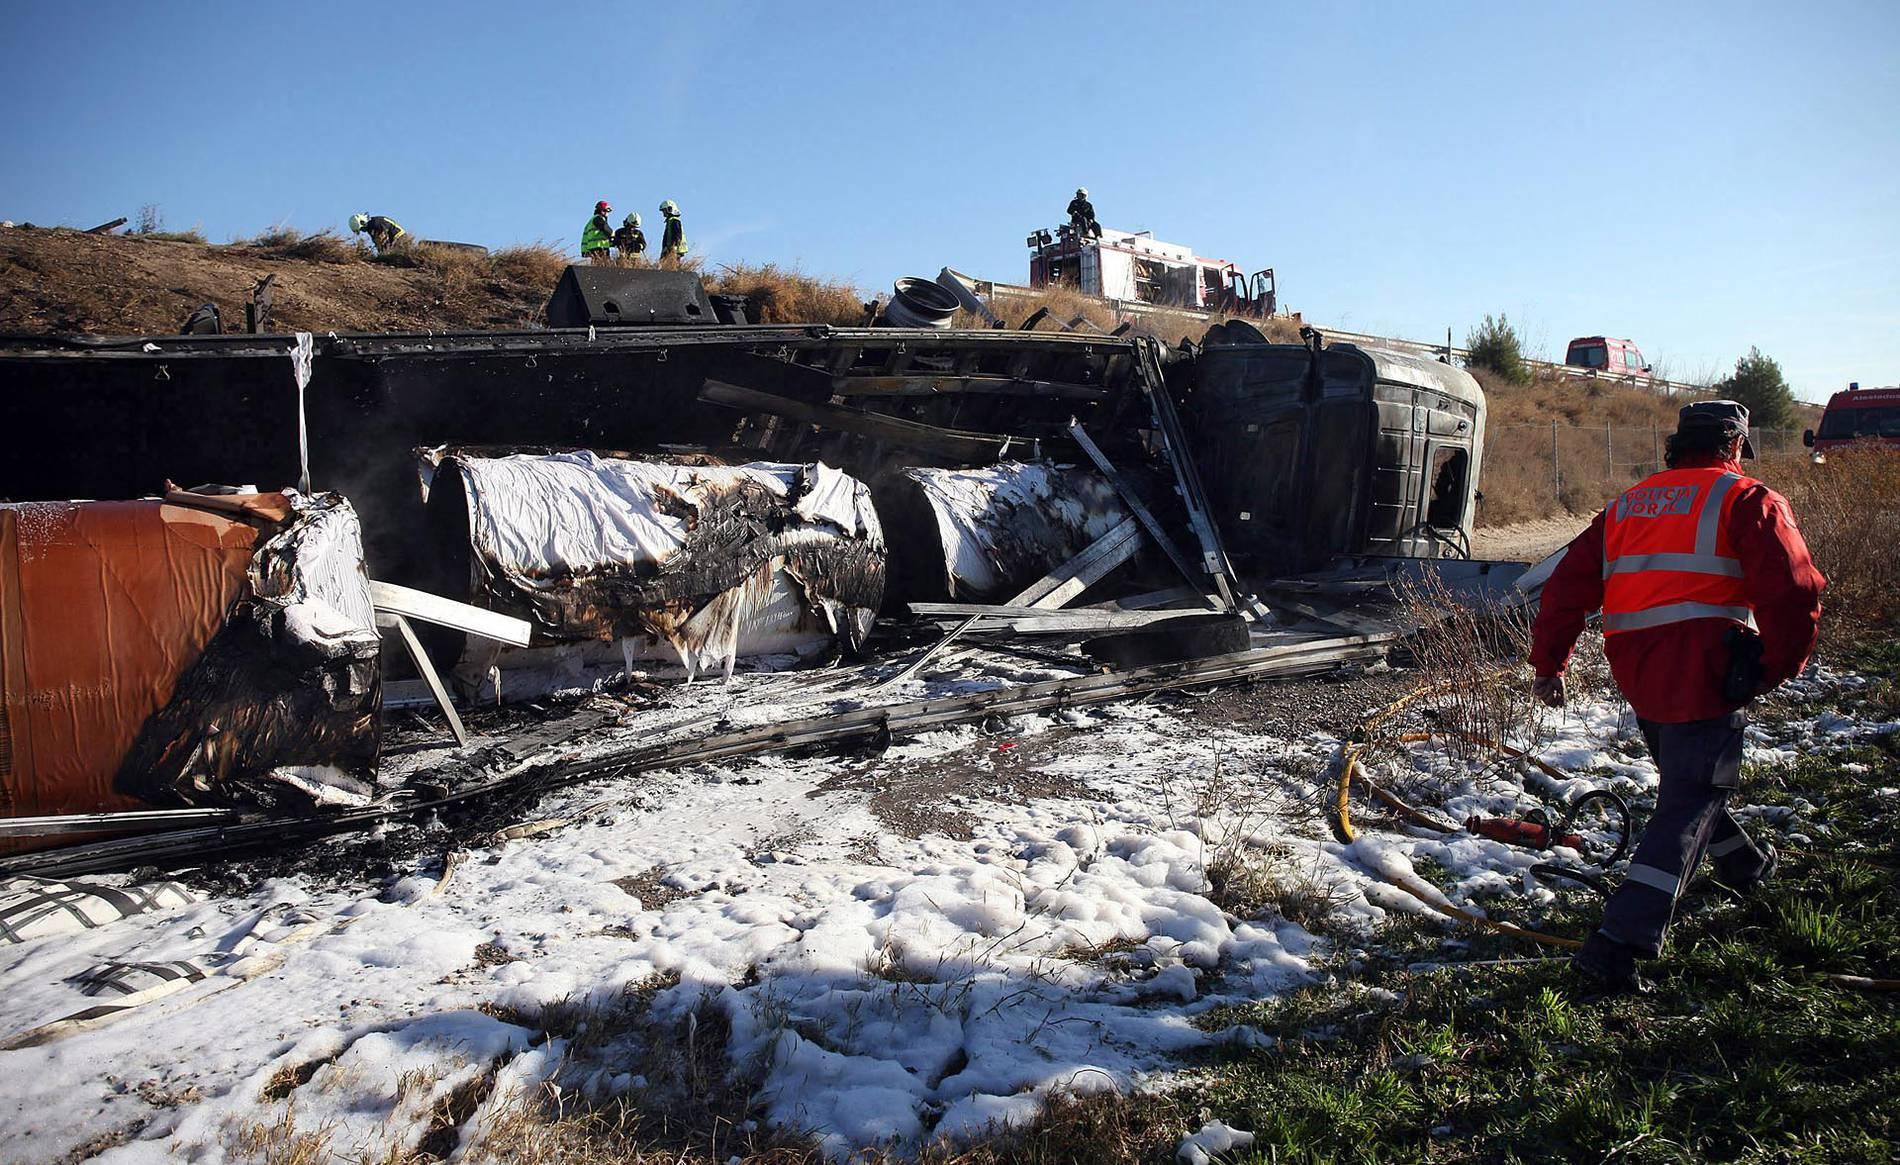 Accidente de un camión en Tudela (1/9) - Accidente de un camión en Tudela - Tudela y Ribera -